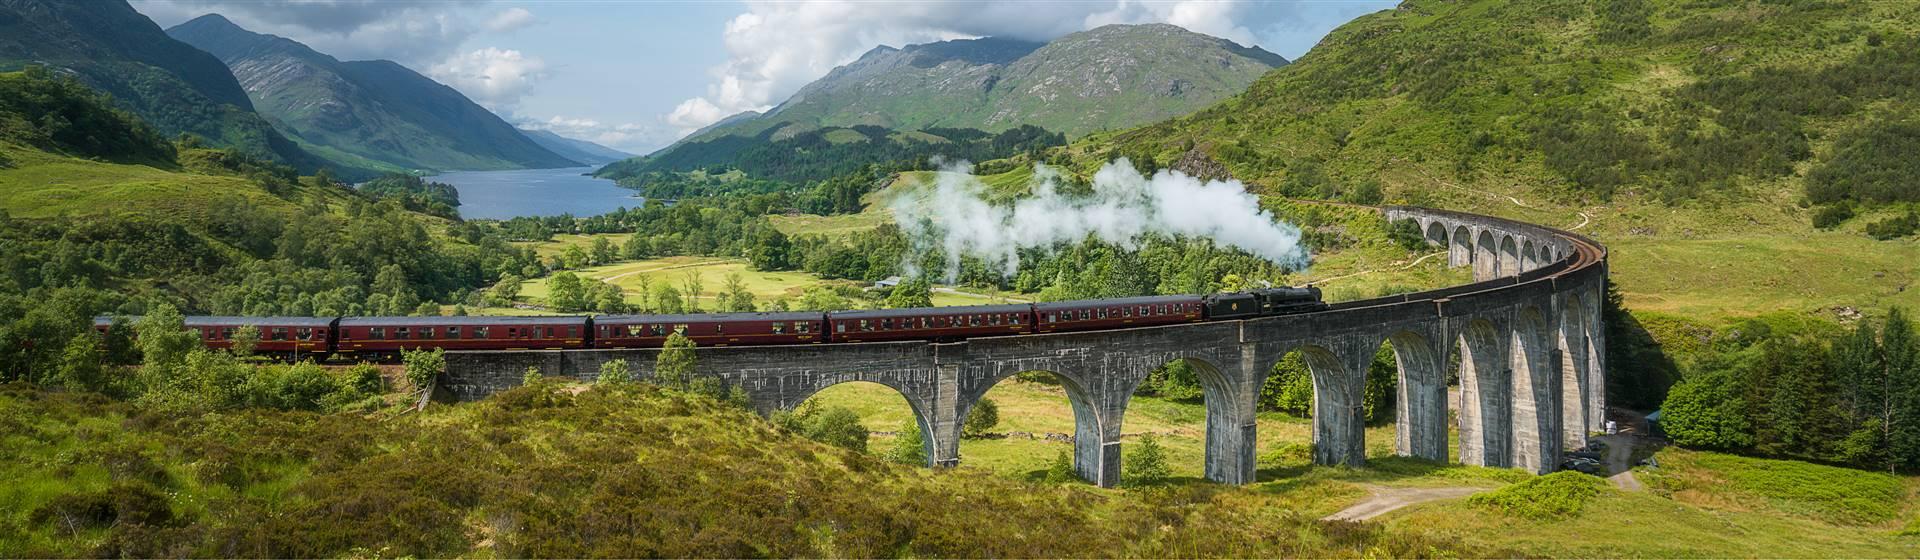 Scenic Scotland by Rail